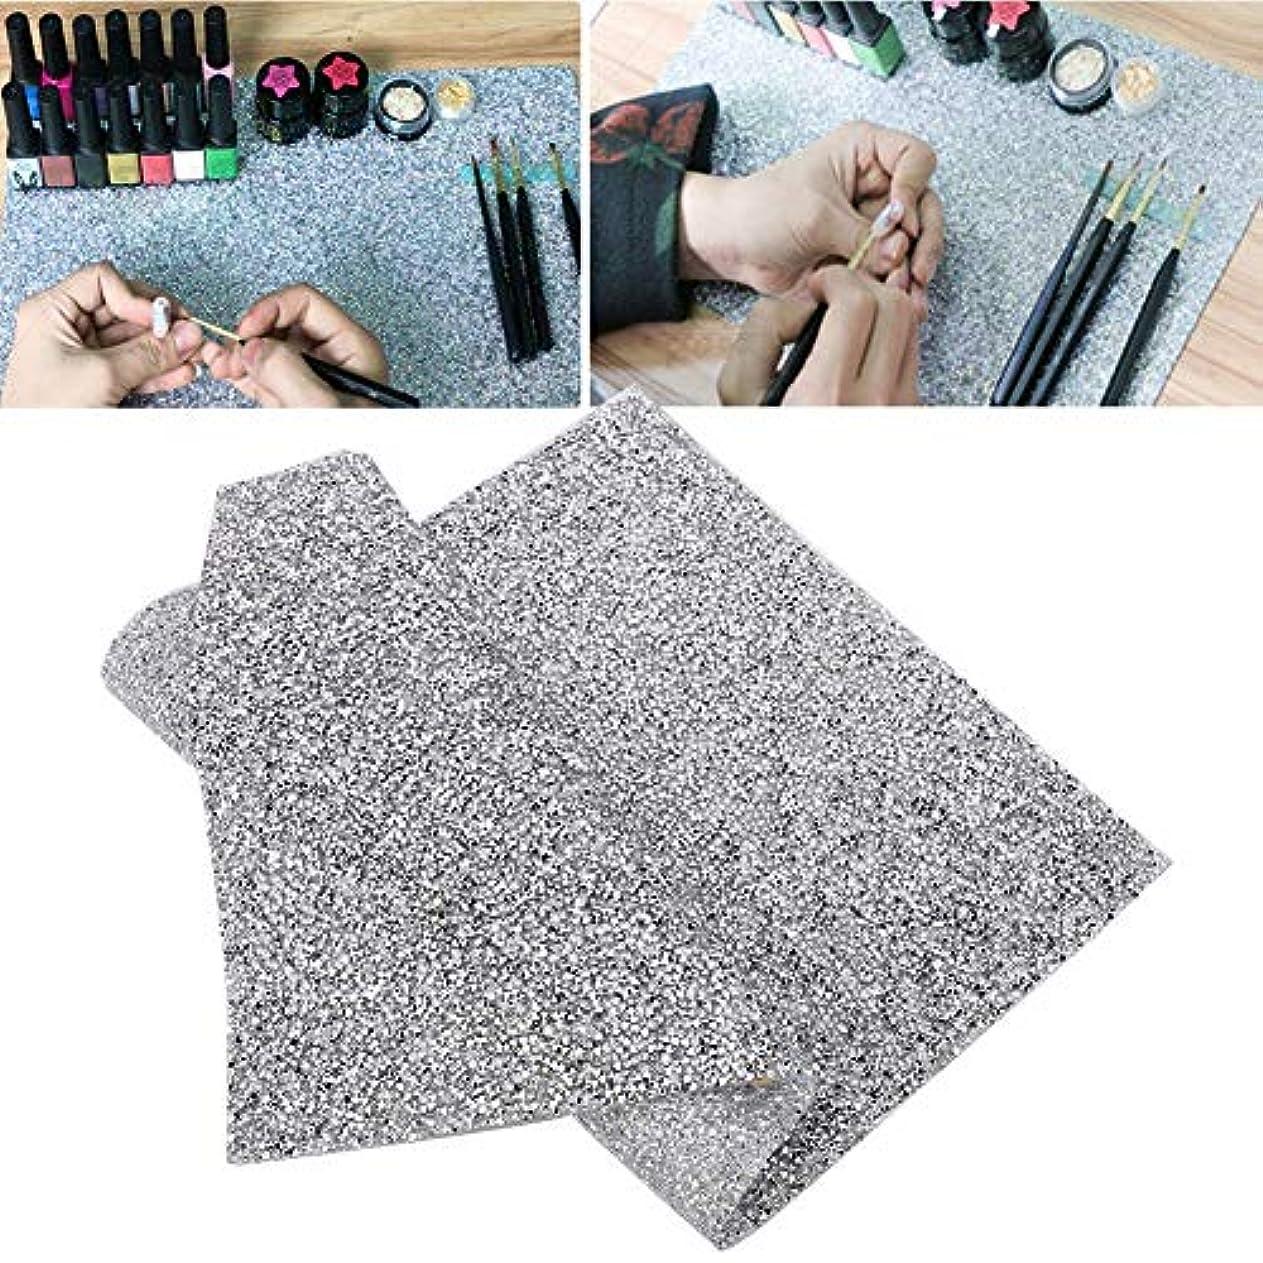 リラックスレガシー好みRotektマニキュアマット再利用可能テーブルパッド付きネイルアート美容アクセサリー2色(01)